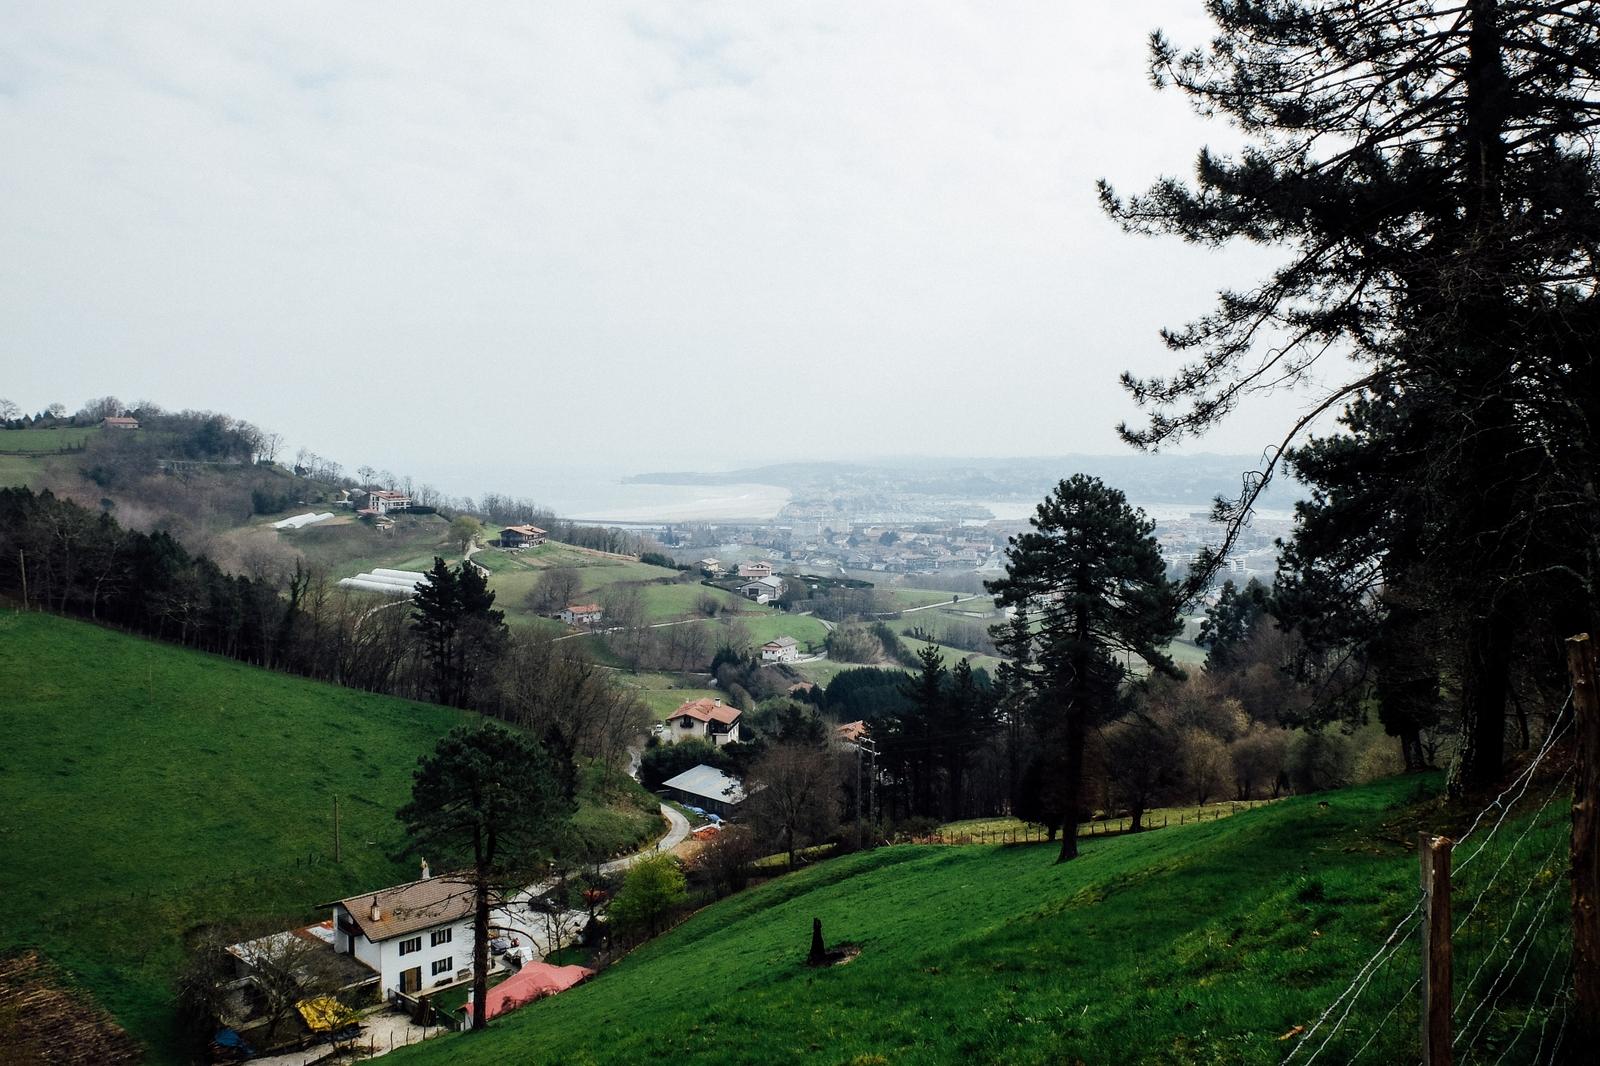 Jakobsweg - Camino del Norte (5)